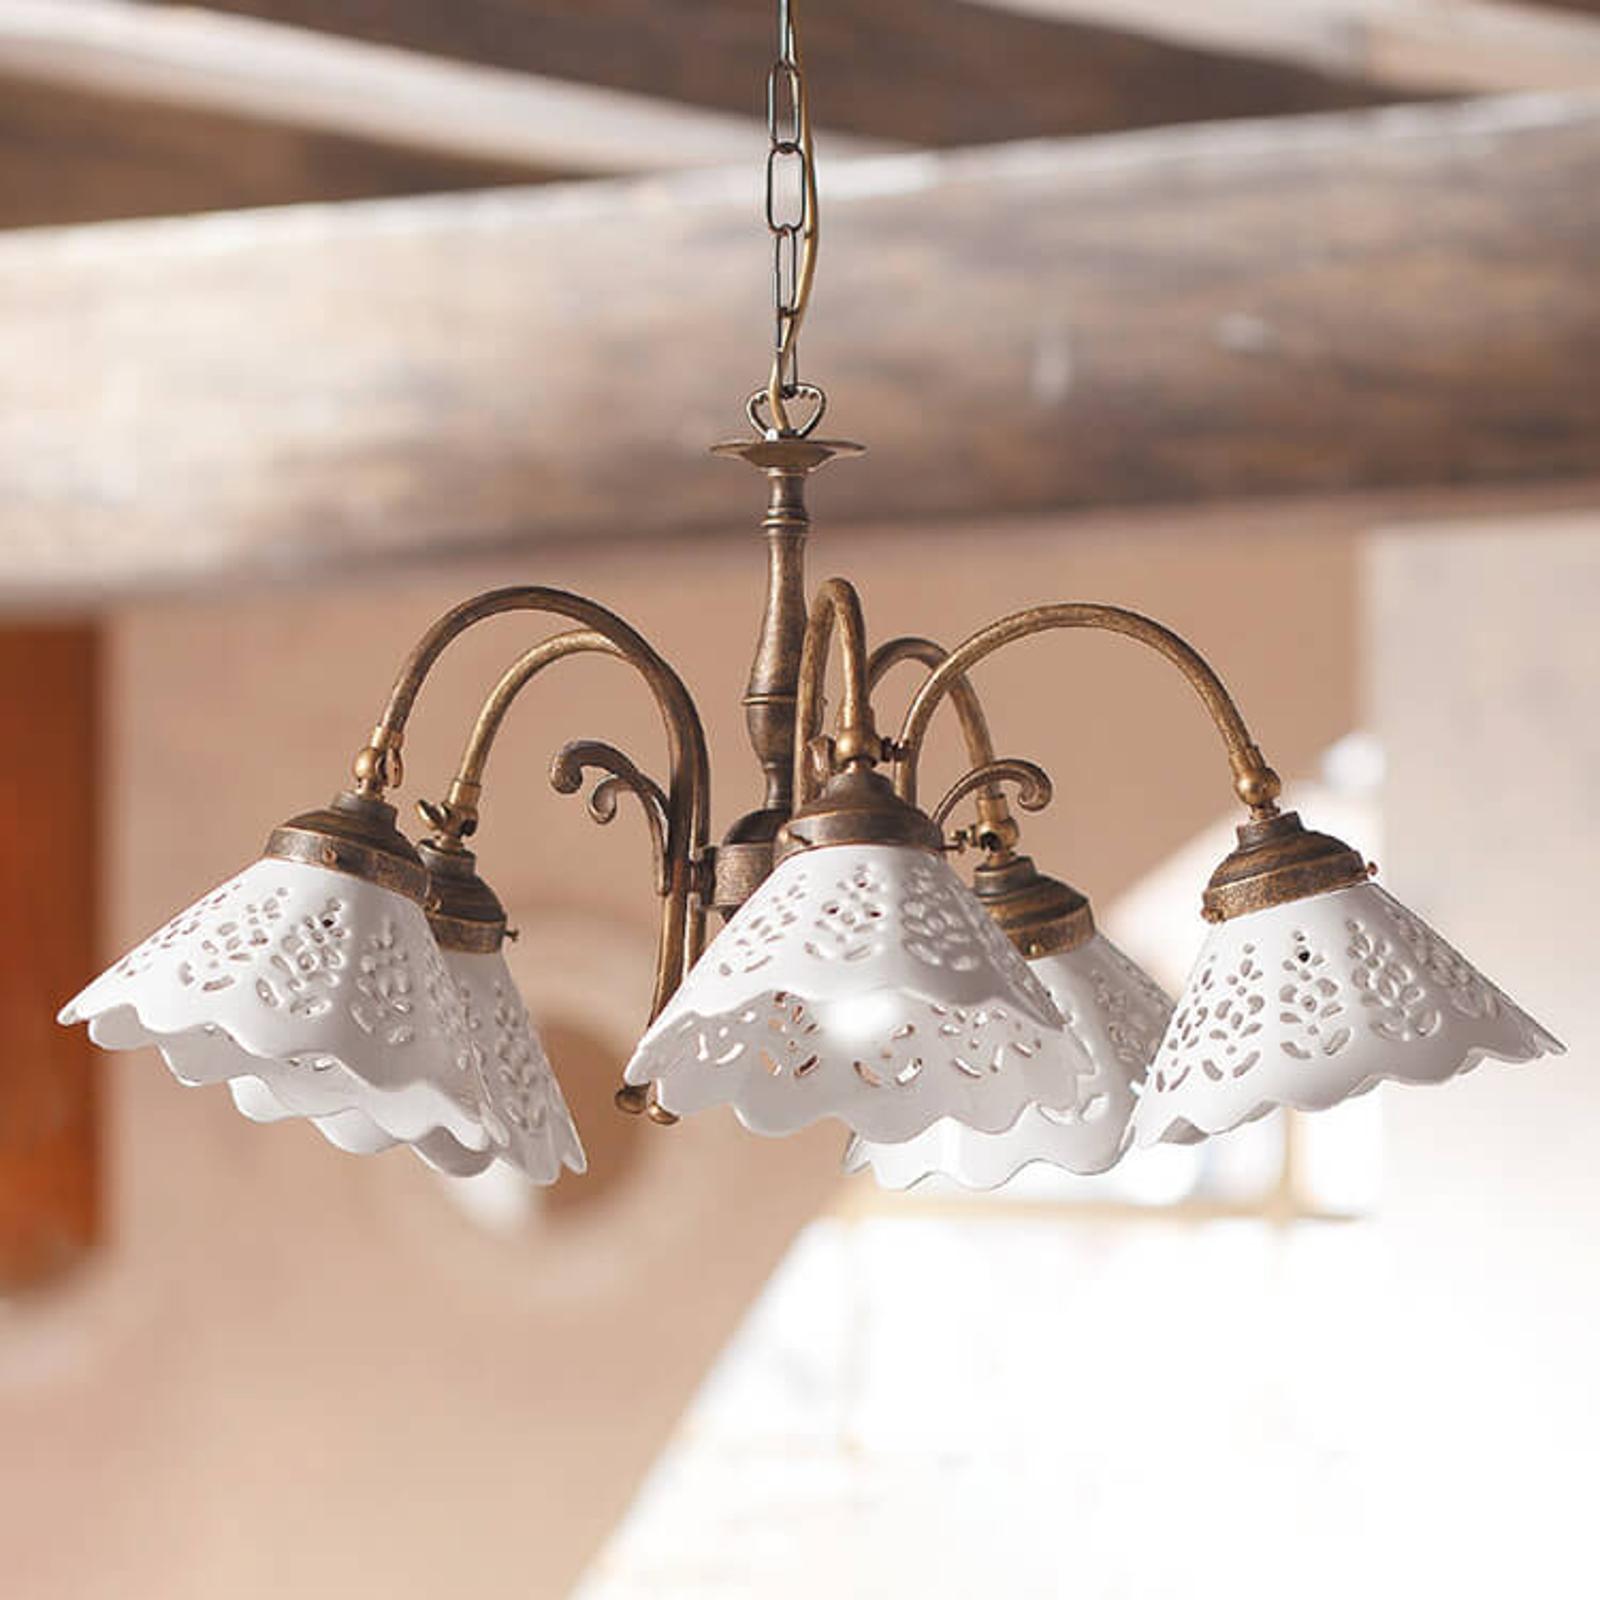 Semino hængelampe med keramikskærme, 5 lyskilder